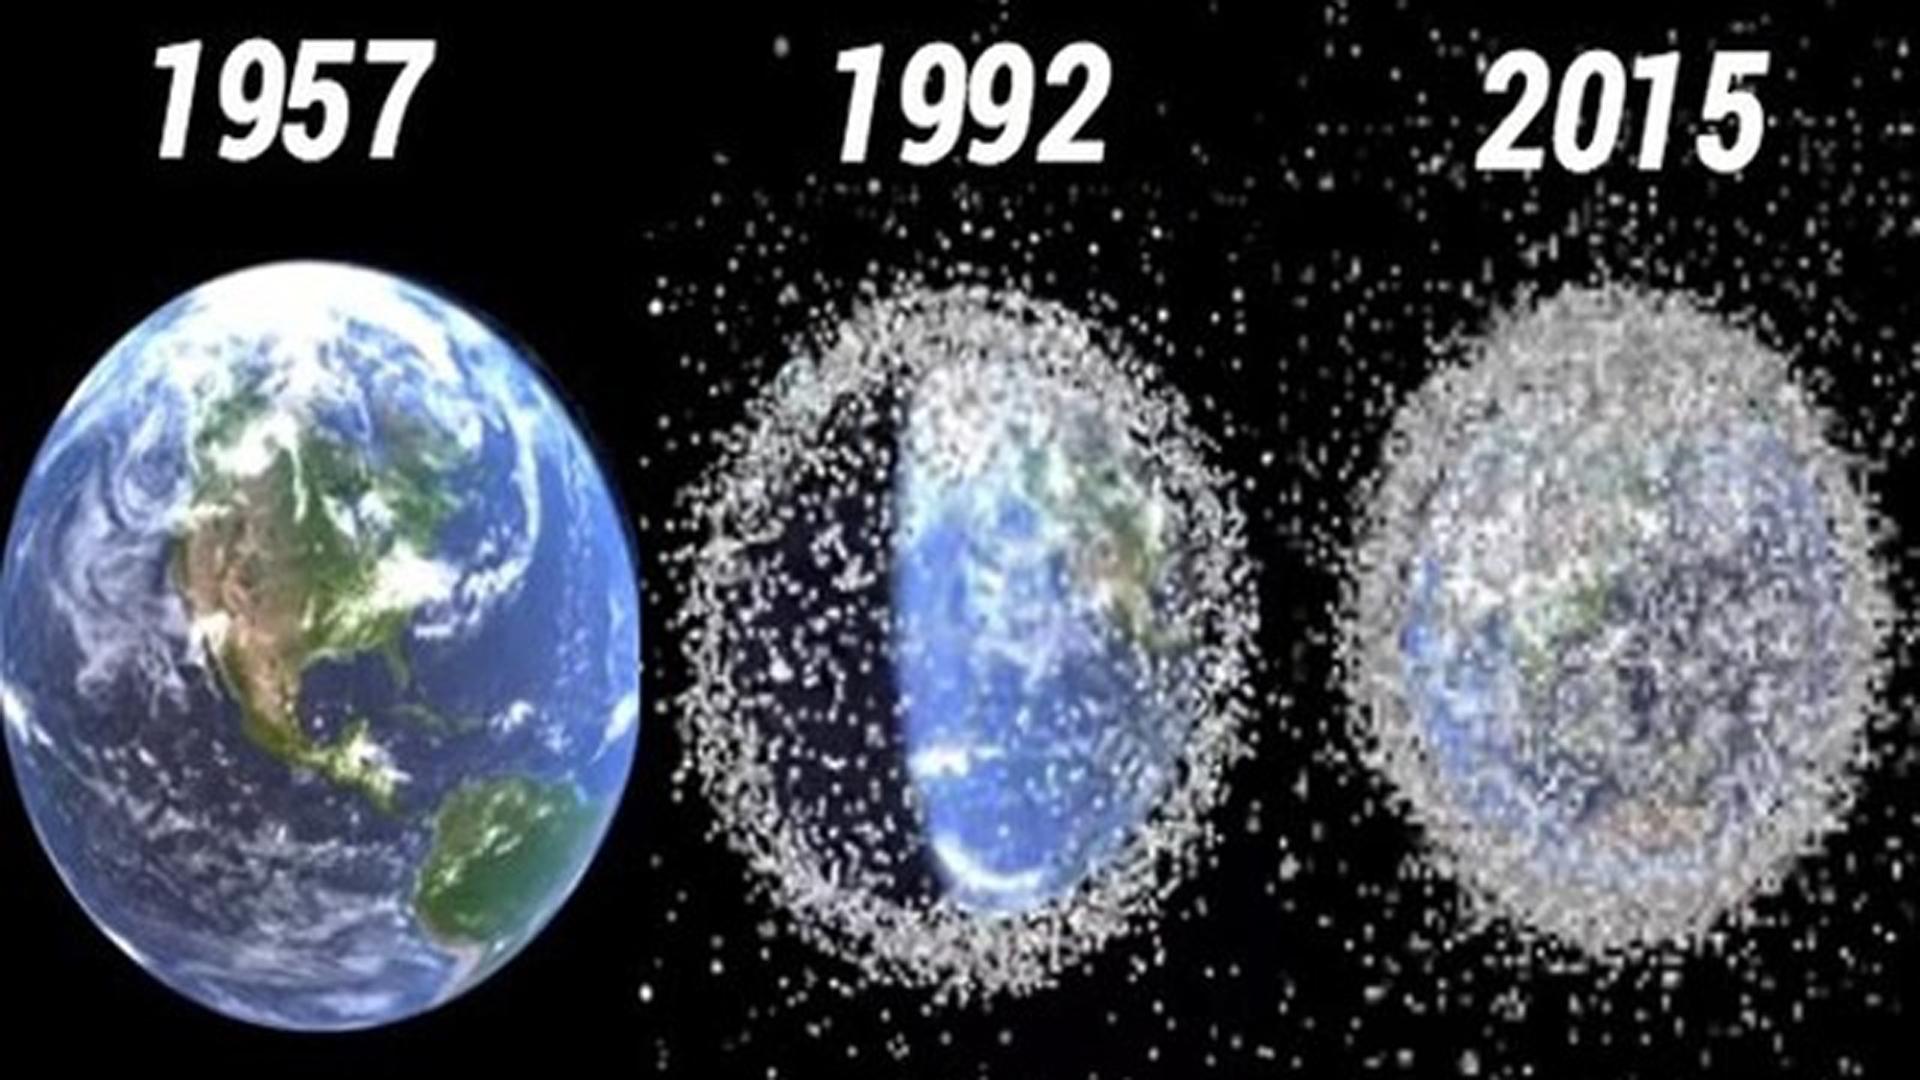 Año tras año, aumentan los objetos y generan colisiones